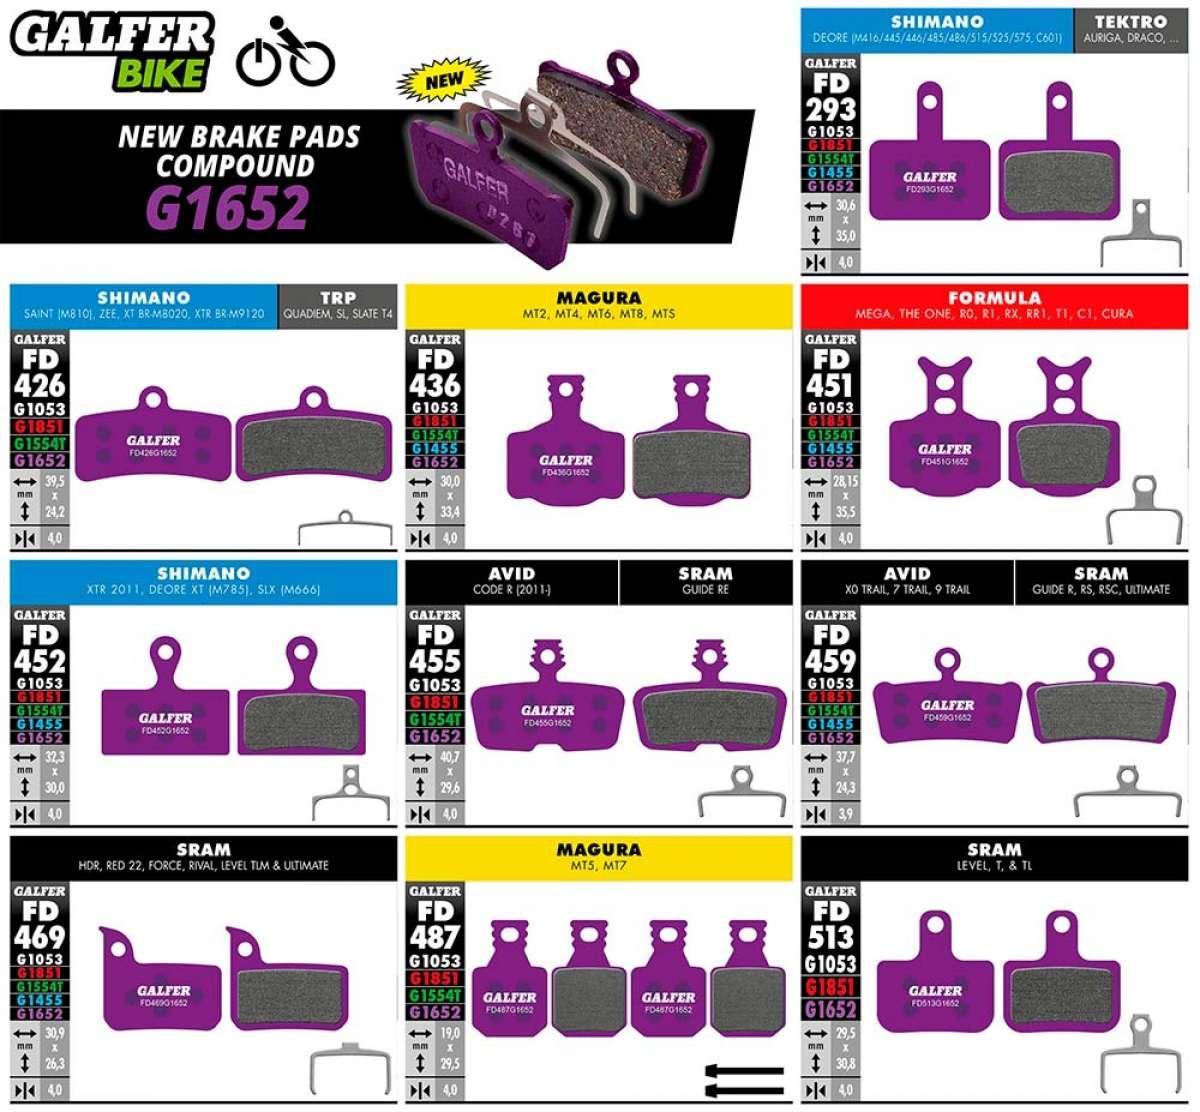 Pastillas de freno específicas para bicicletas eléctricas, lo último de Galfer Bike